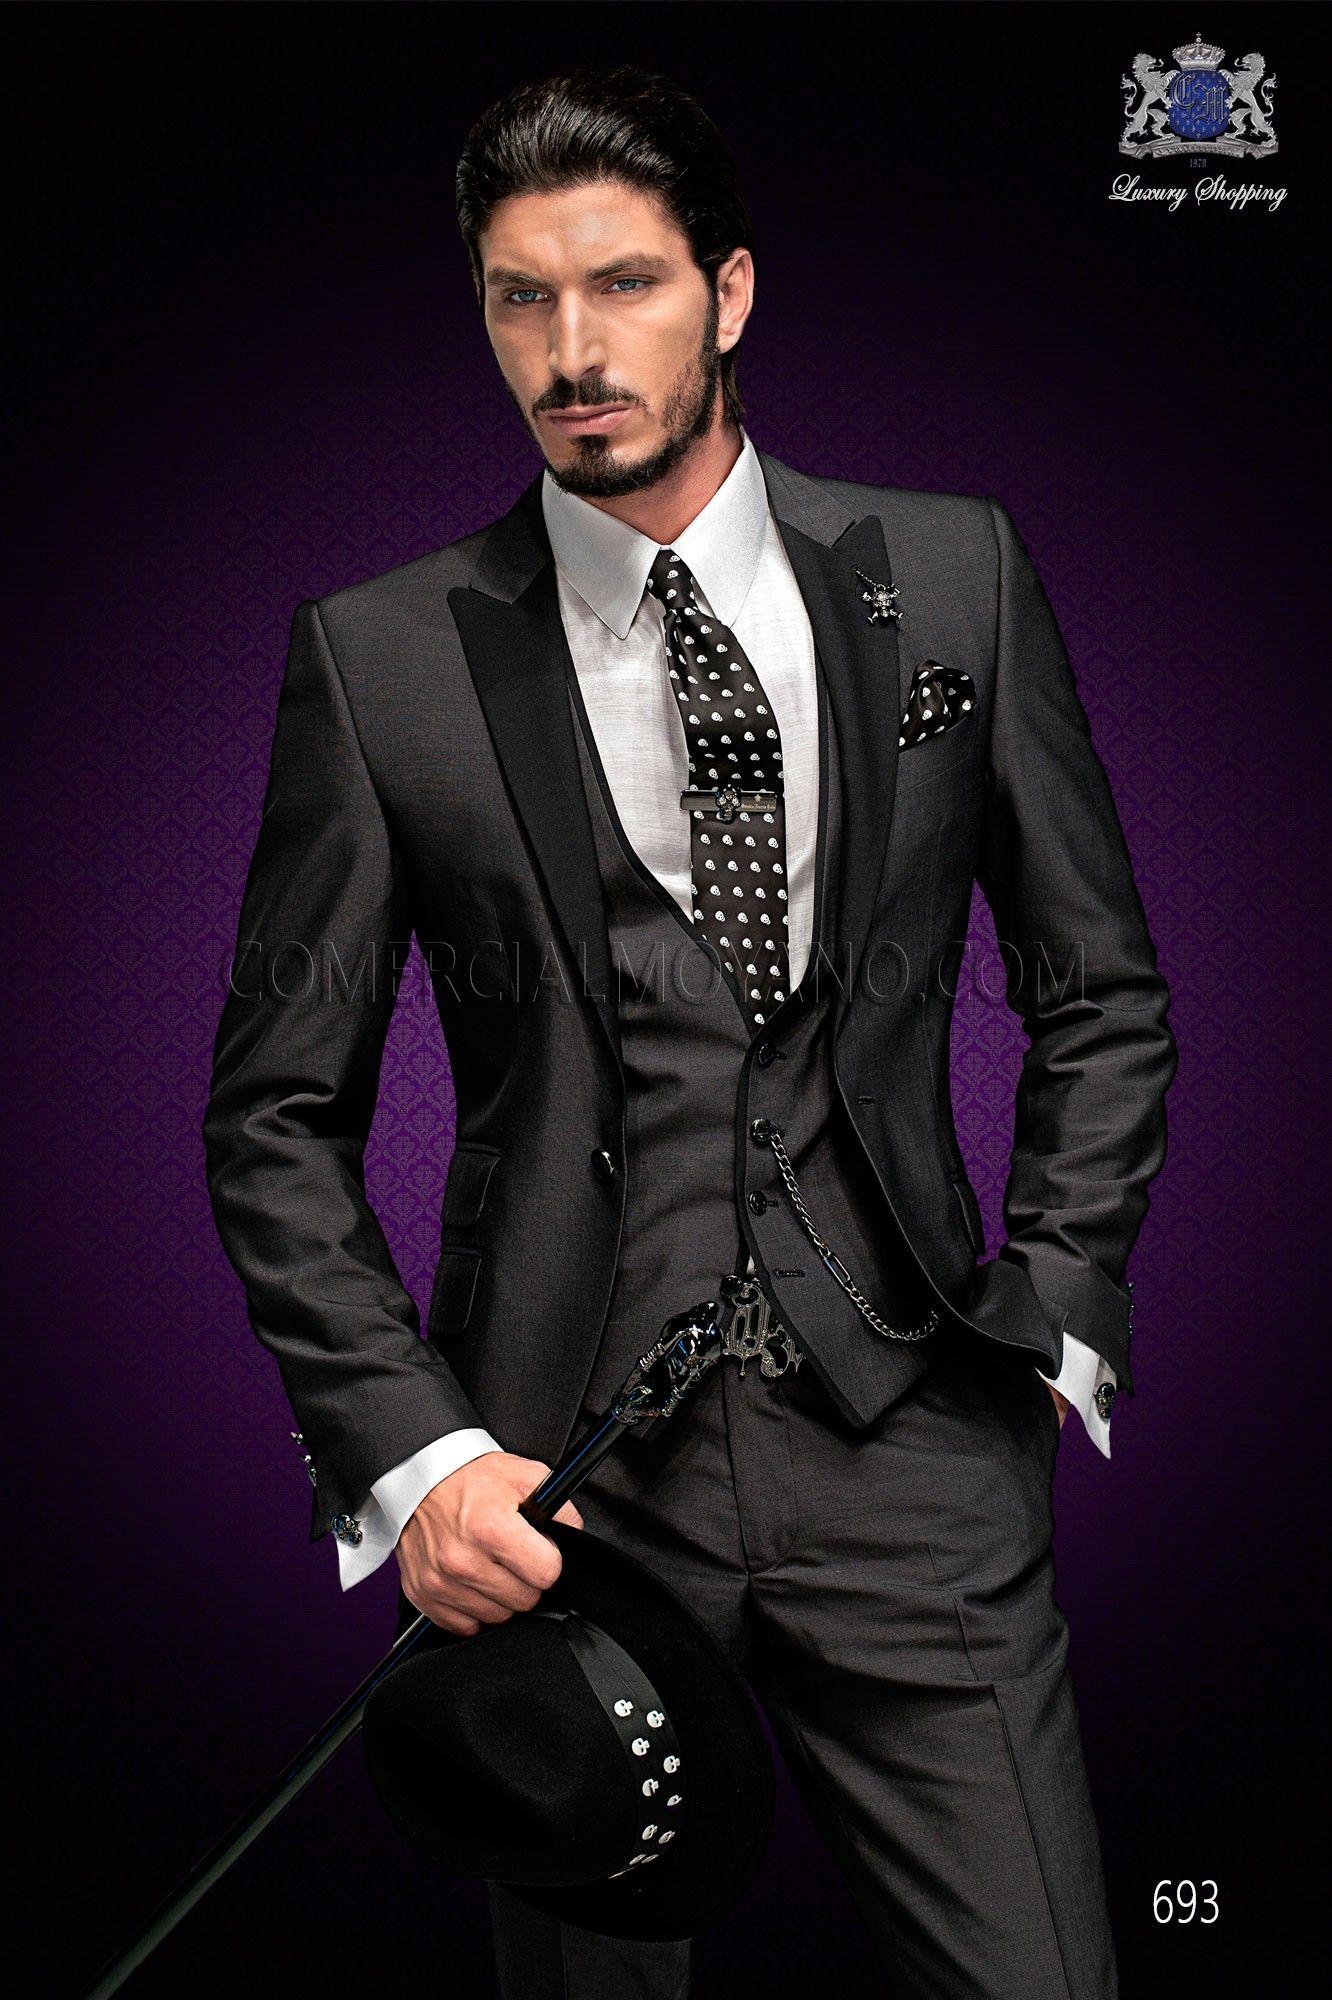 Mode Bcbg, Costume Marié, Costume Homme, Robe Cérémonie, Chaussures Homme,  Cravate 8c9dd4037db